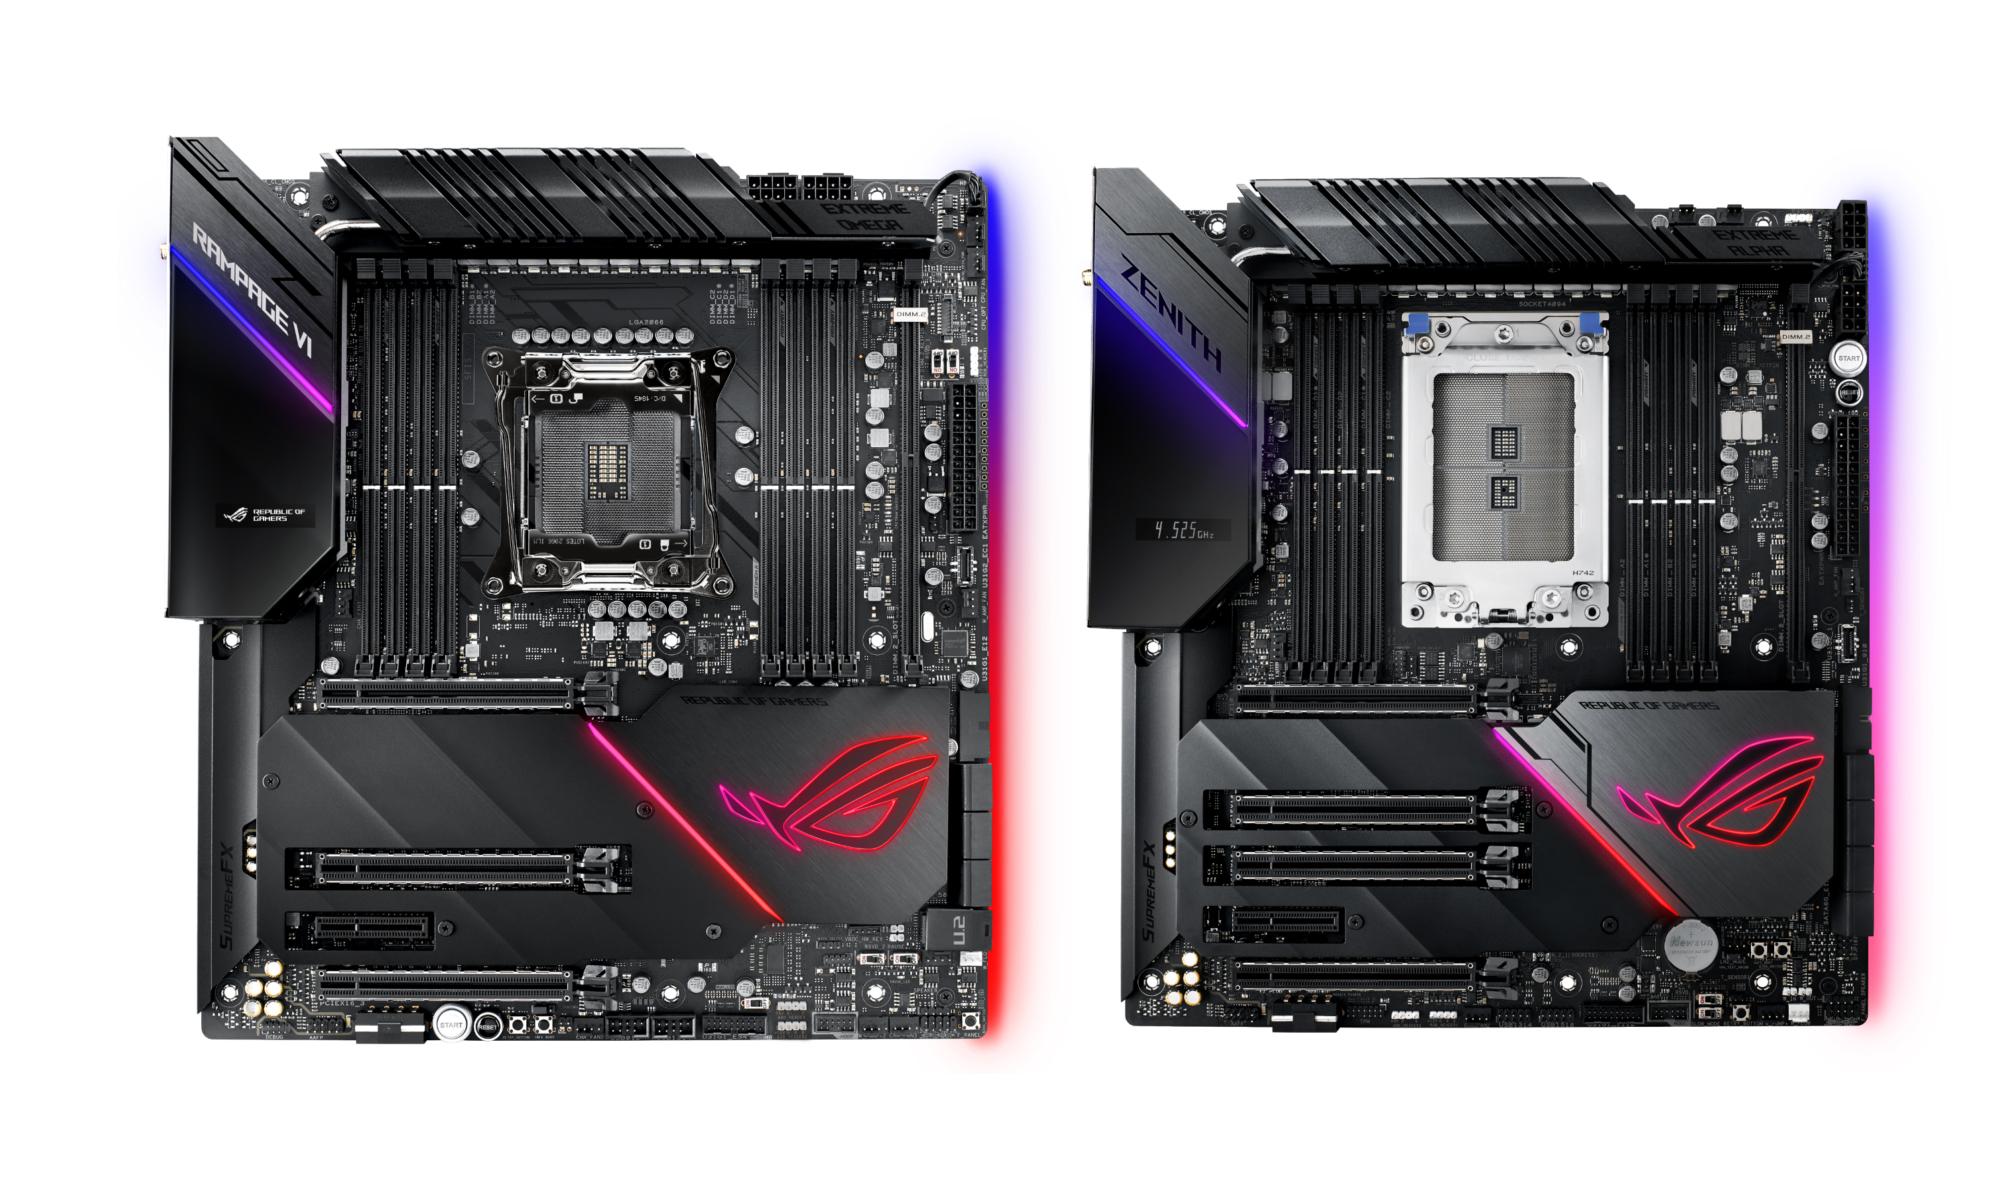 asus rog zenith extreme alpha x399 e0b981e0b8a5e0b8b0 rog rampage vi extreme omega x299 เอซุสเปิดตัวเมนบอร์ด ASUS ROG Zenith Extreme Alpha X399 และ ROG Rampage VI Extreme Omega X299 รุ่นใหม่ล่าสุดที่มาในแพลตฟอร์ด AMD Ryzen Threadripper และ Intel Core X สำหรับคอ HEDT สุดโหดโดยเฉพาะ!!!